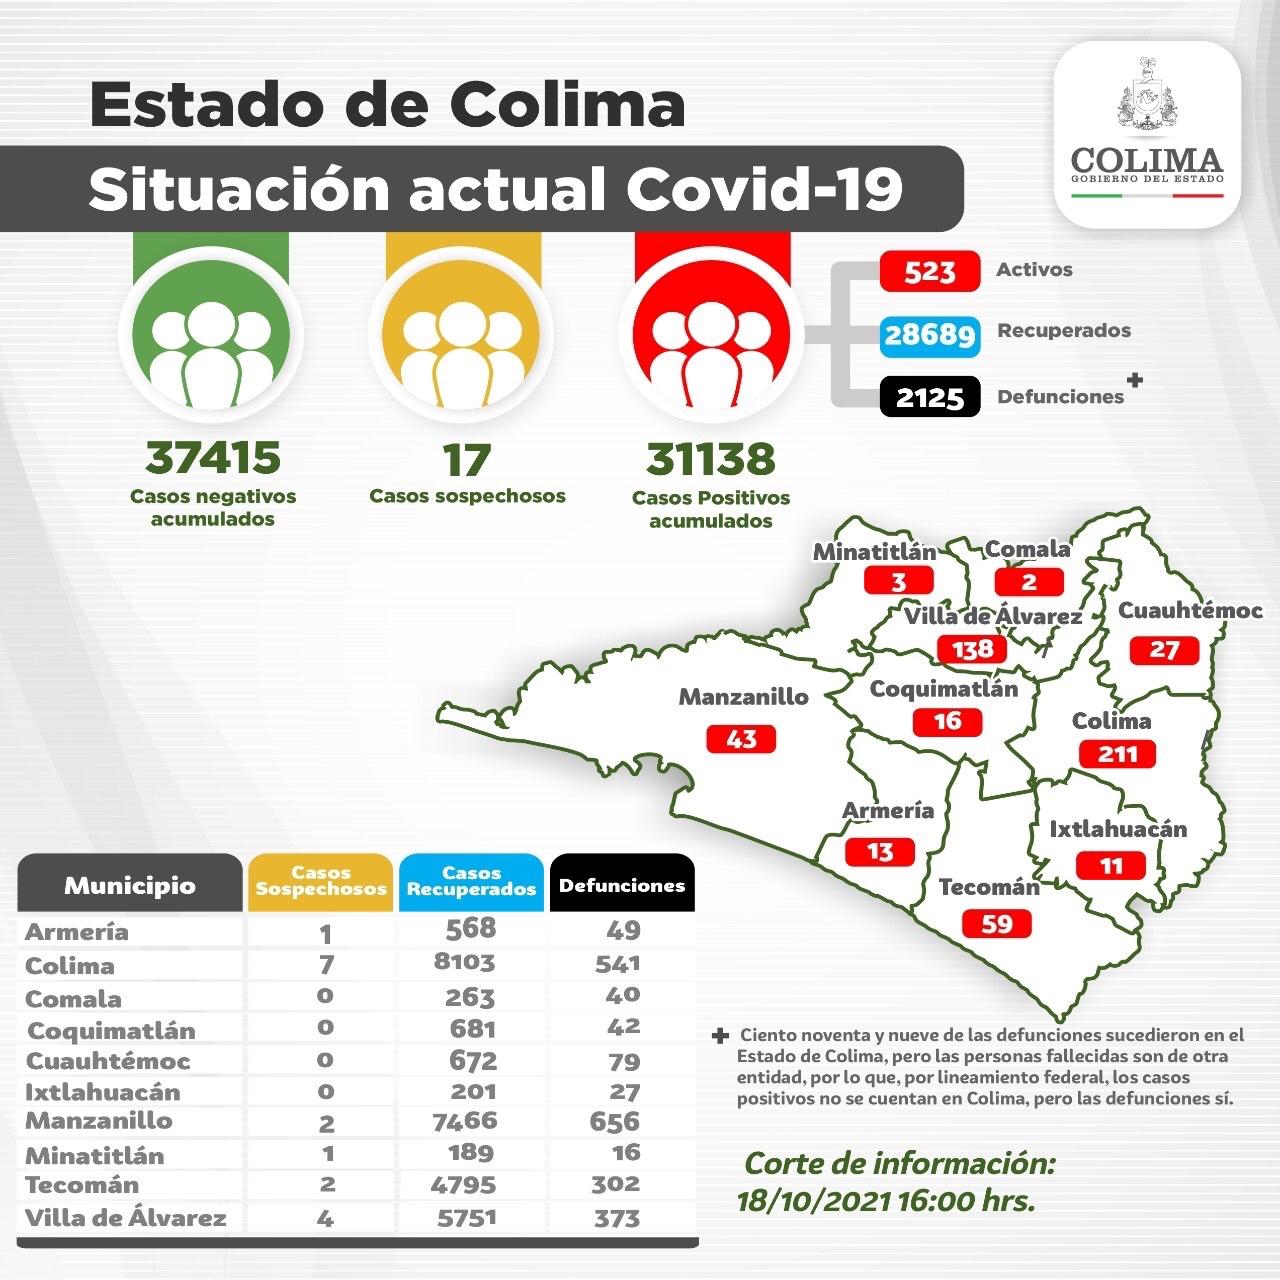 Registró Colima 7 casos nuevos y 1 deceso por Covid-19 este lunes.